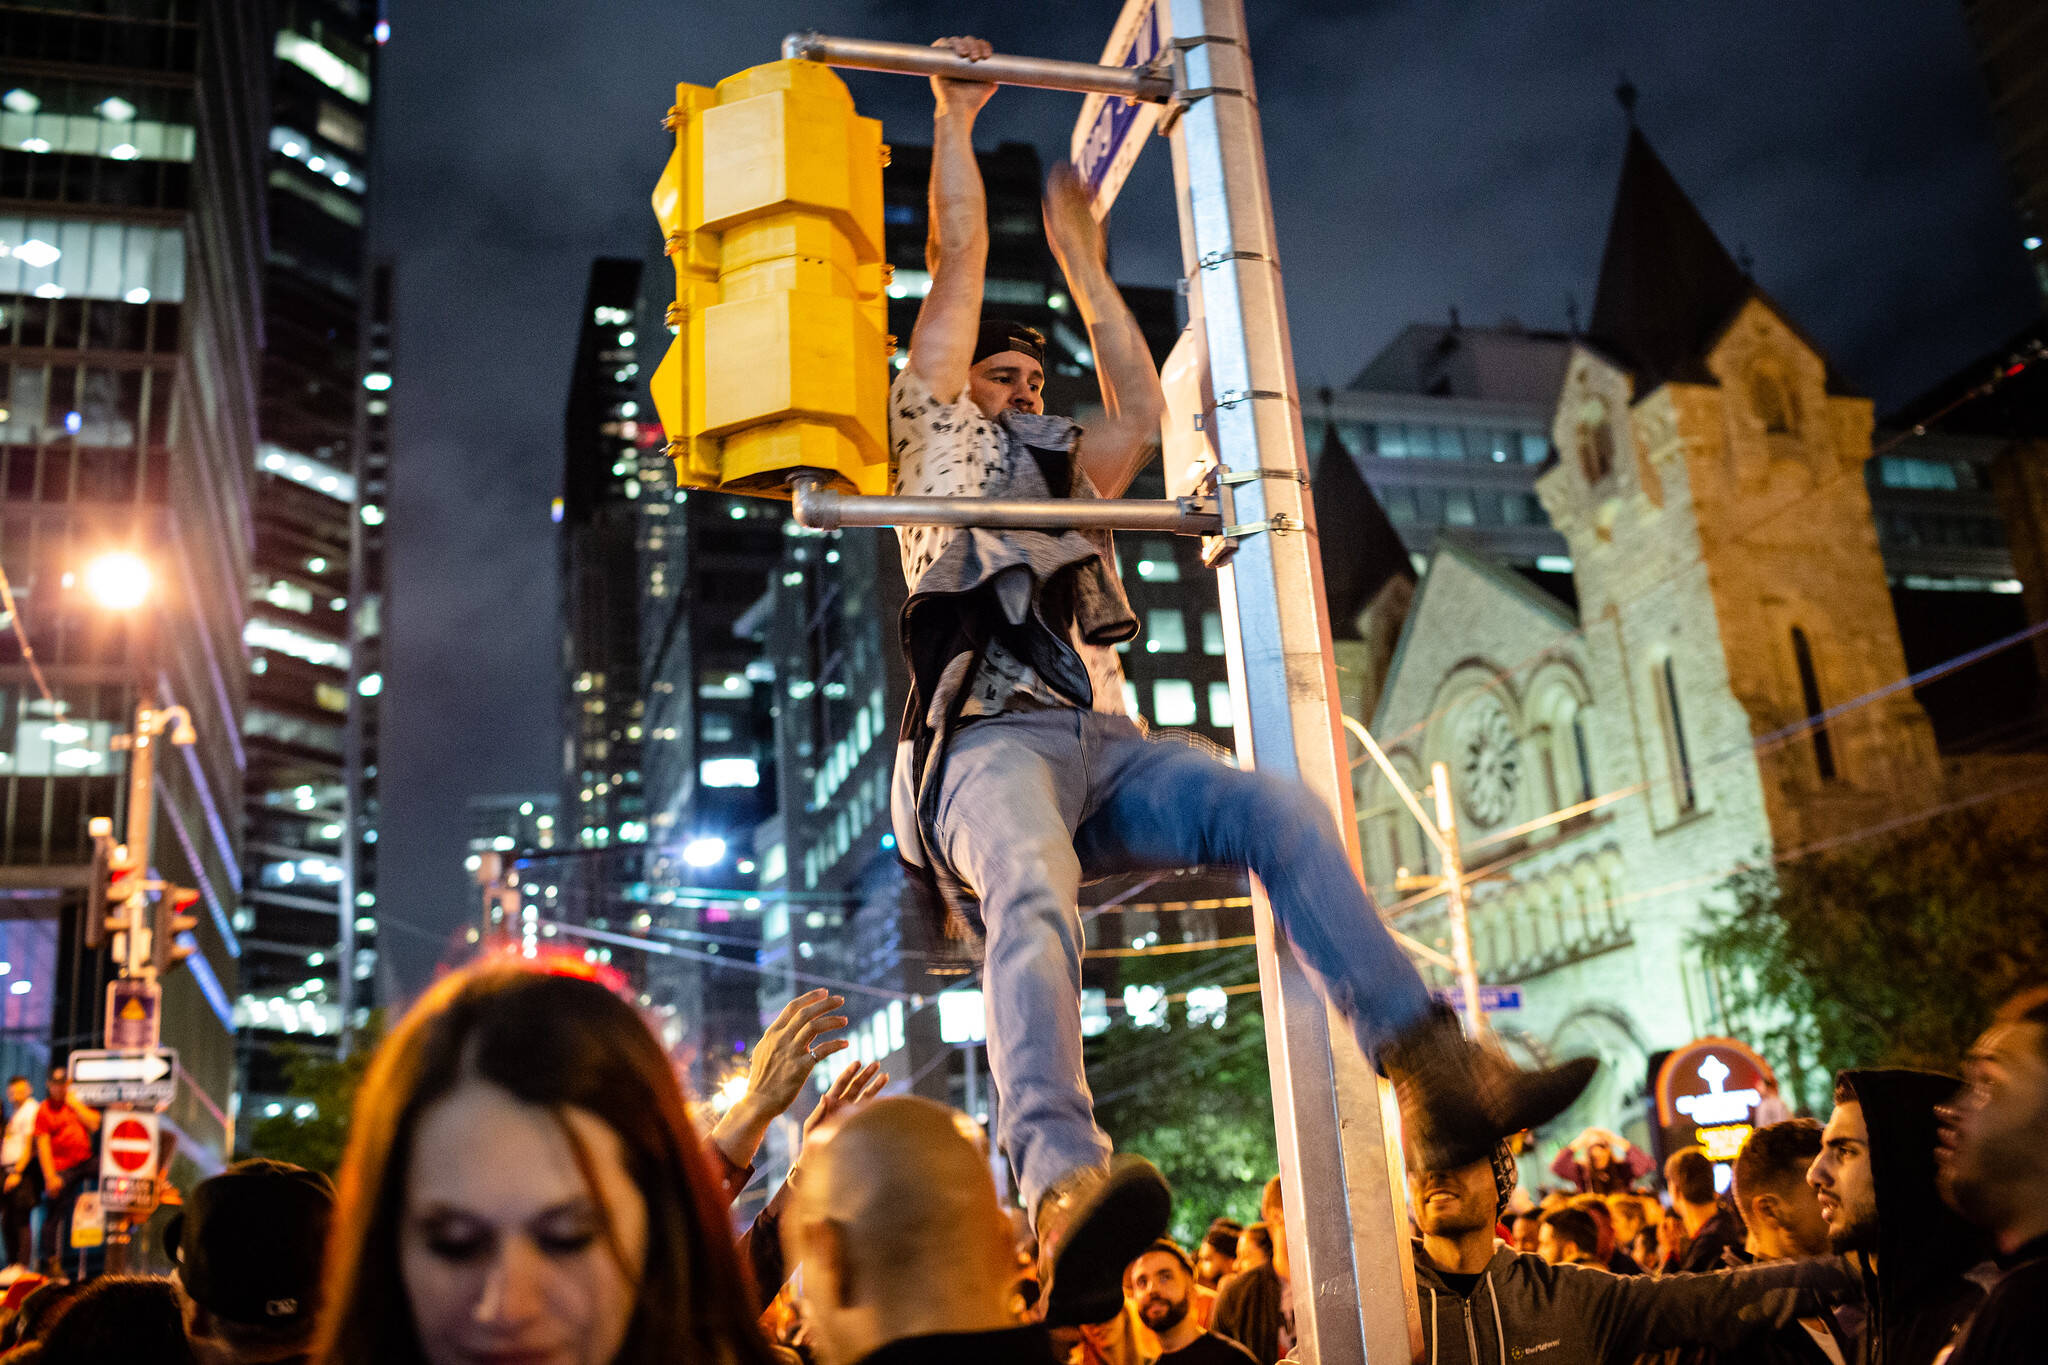 Toronto raptors celebration